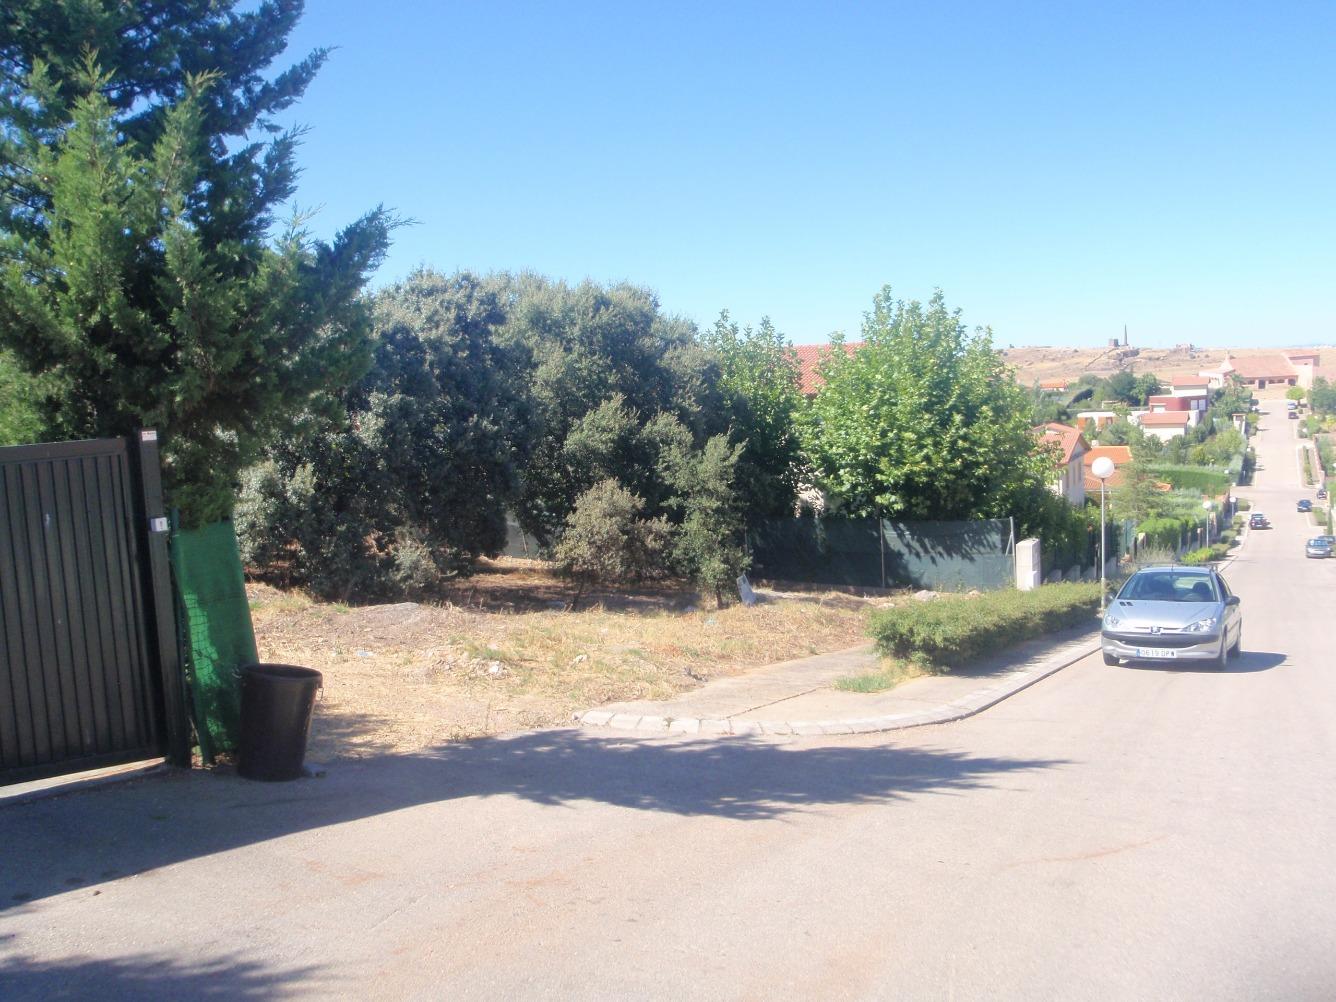 Terreno en venta,  en Sur, Aldea Moret, Ceres golf (Cáceres)  - Foto 1